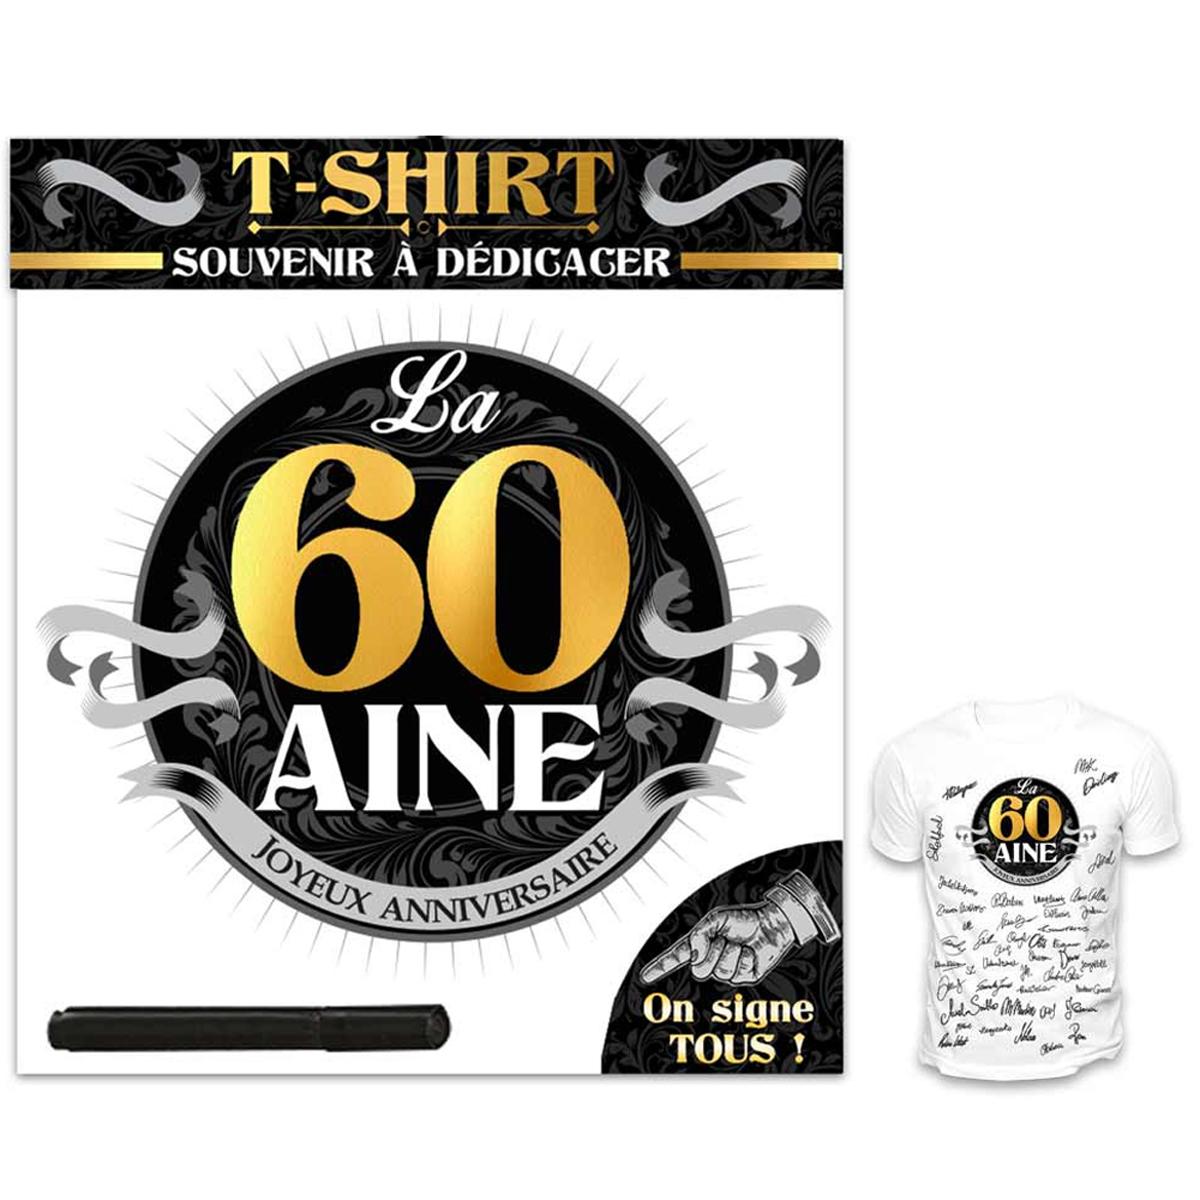 T-shirt \'60 aine\' noir blanc - (dédicace) - [R1426]